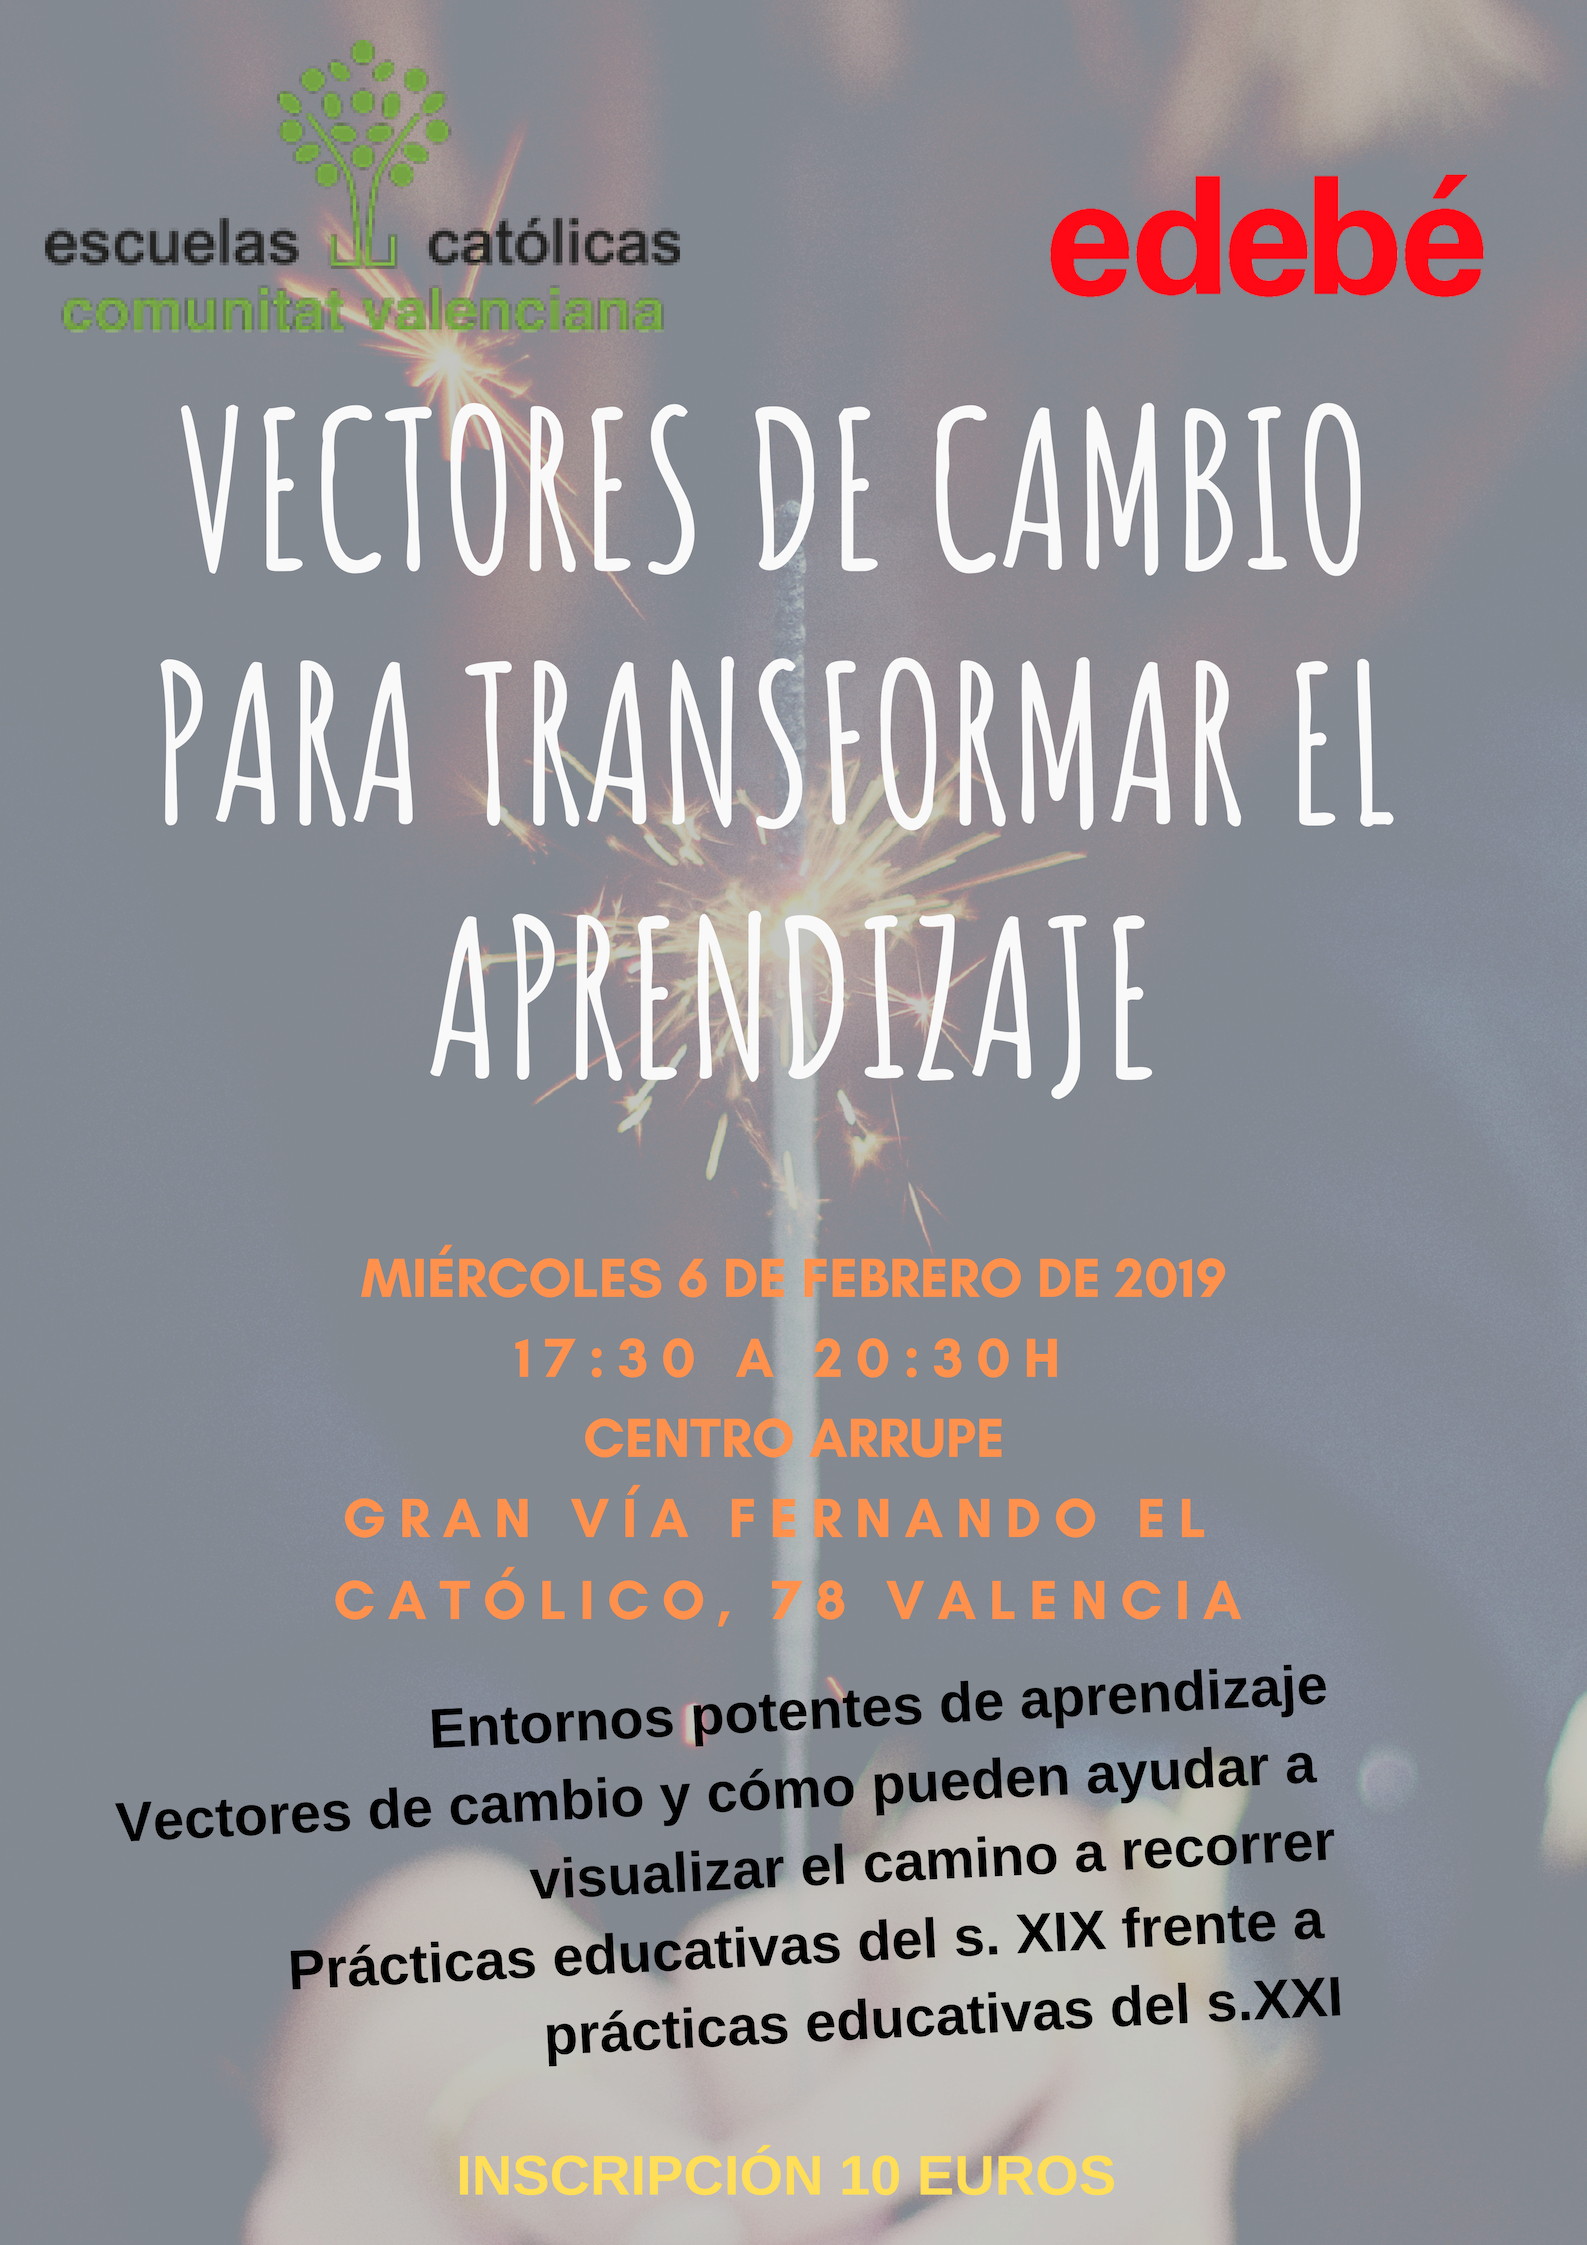 VECTORES DE CAMBIO PARA TRANSFORMAR EL APRENDIZAJE